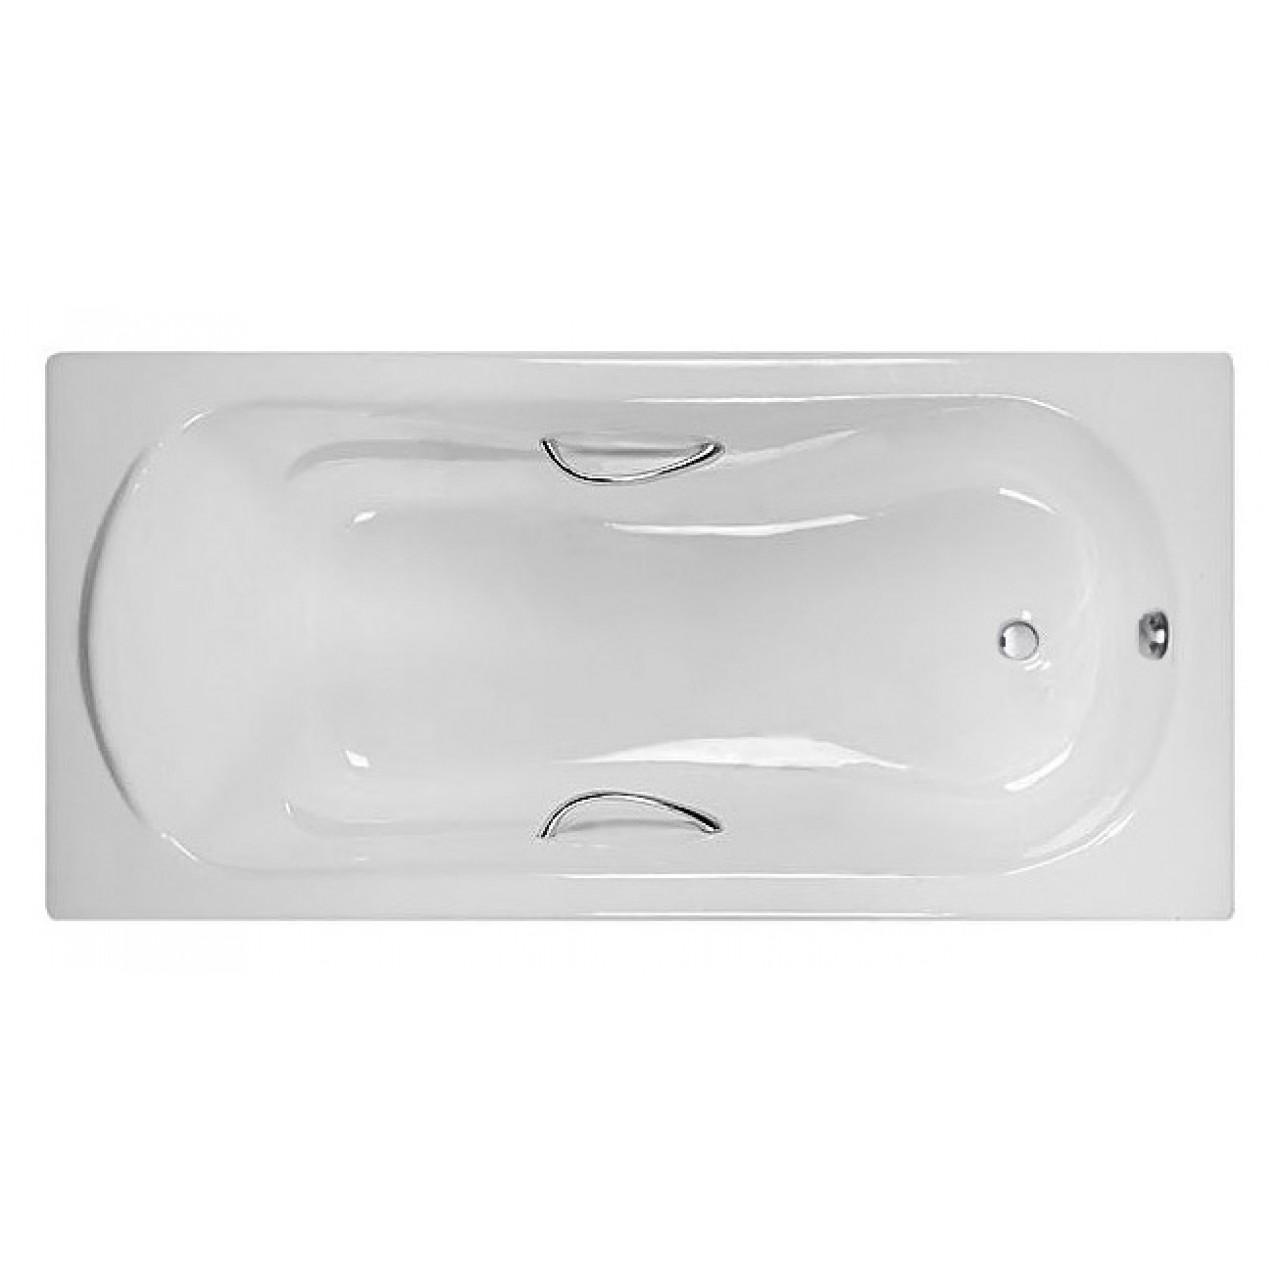 Чугунная ванна Castalia Venera 1700х800х42 с ручками купить в Москве по цене от 32850р. в интернет-магазине mebel-v-vannu.ru